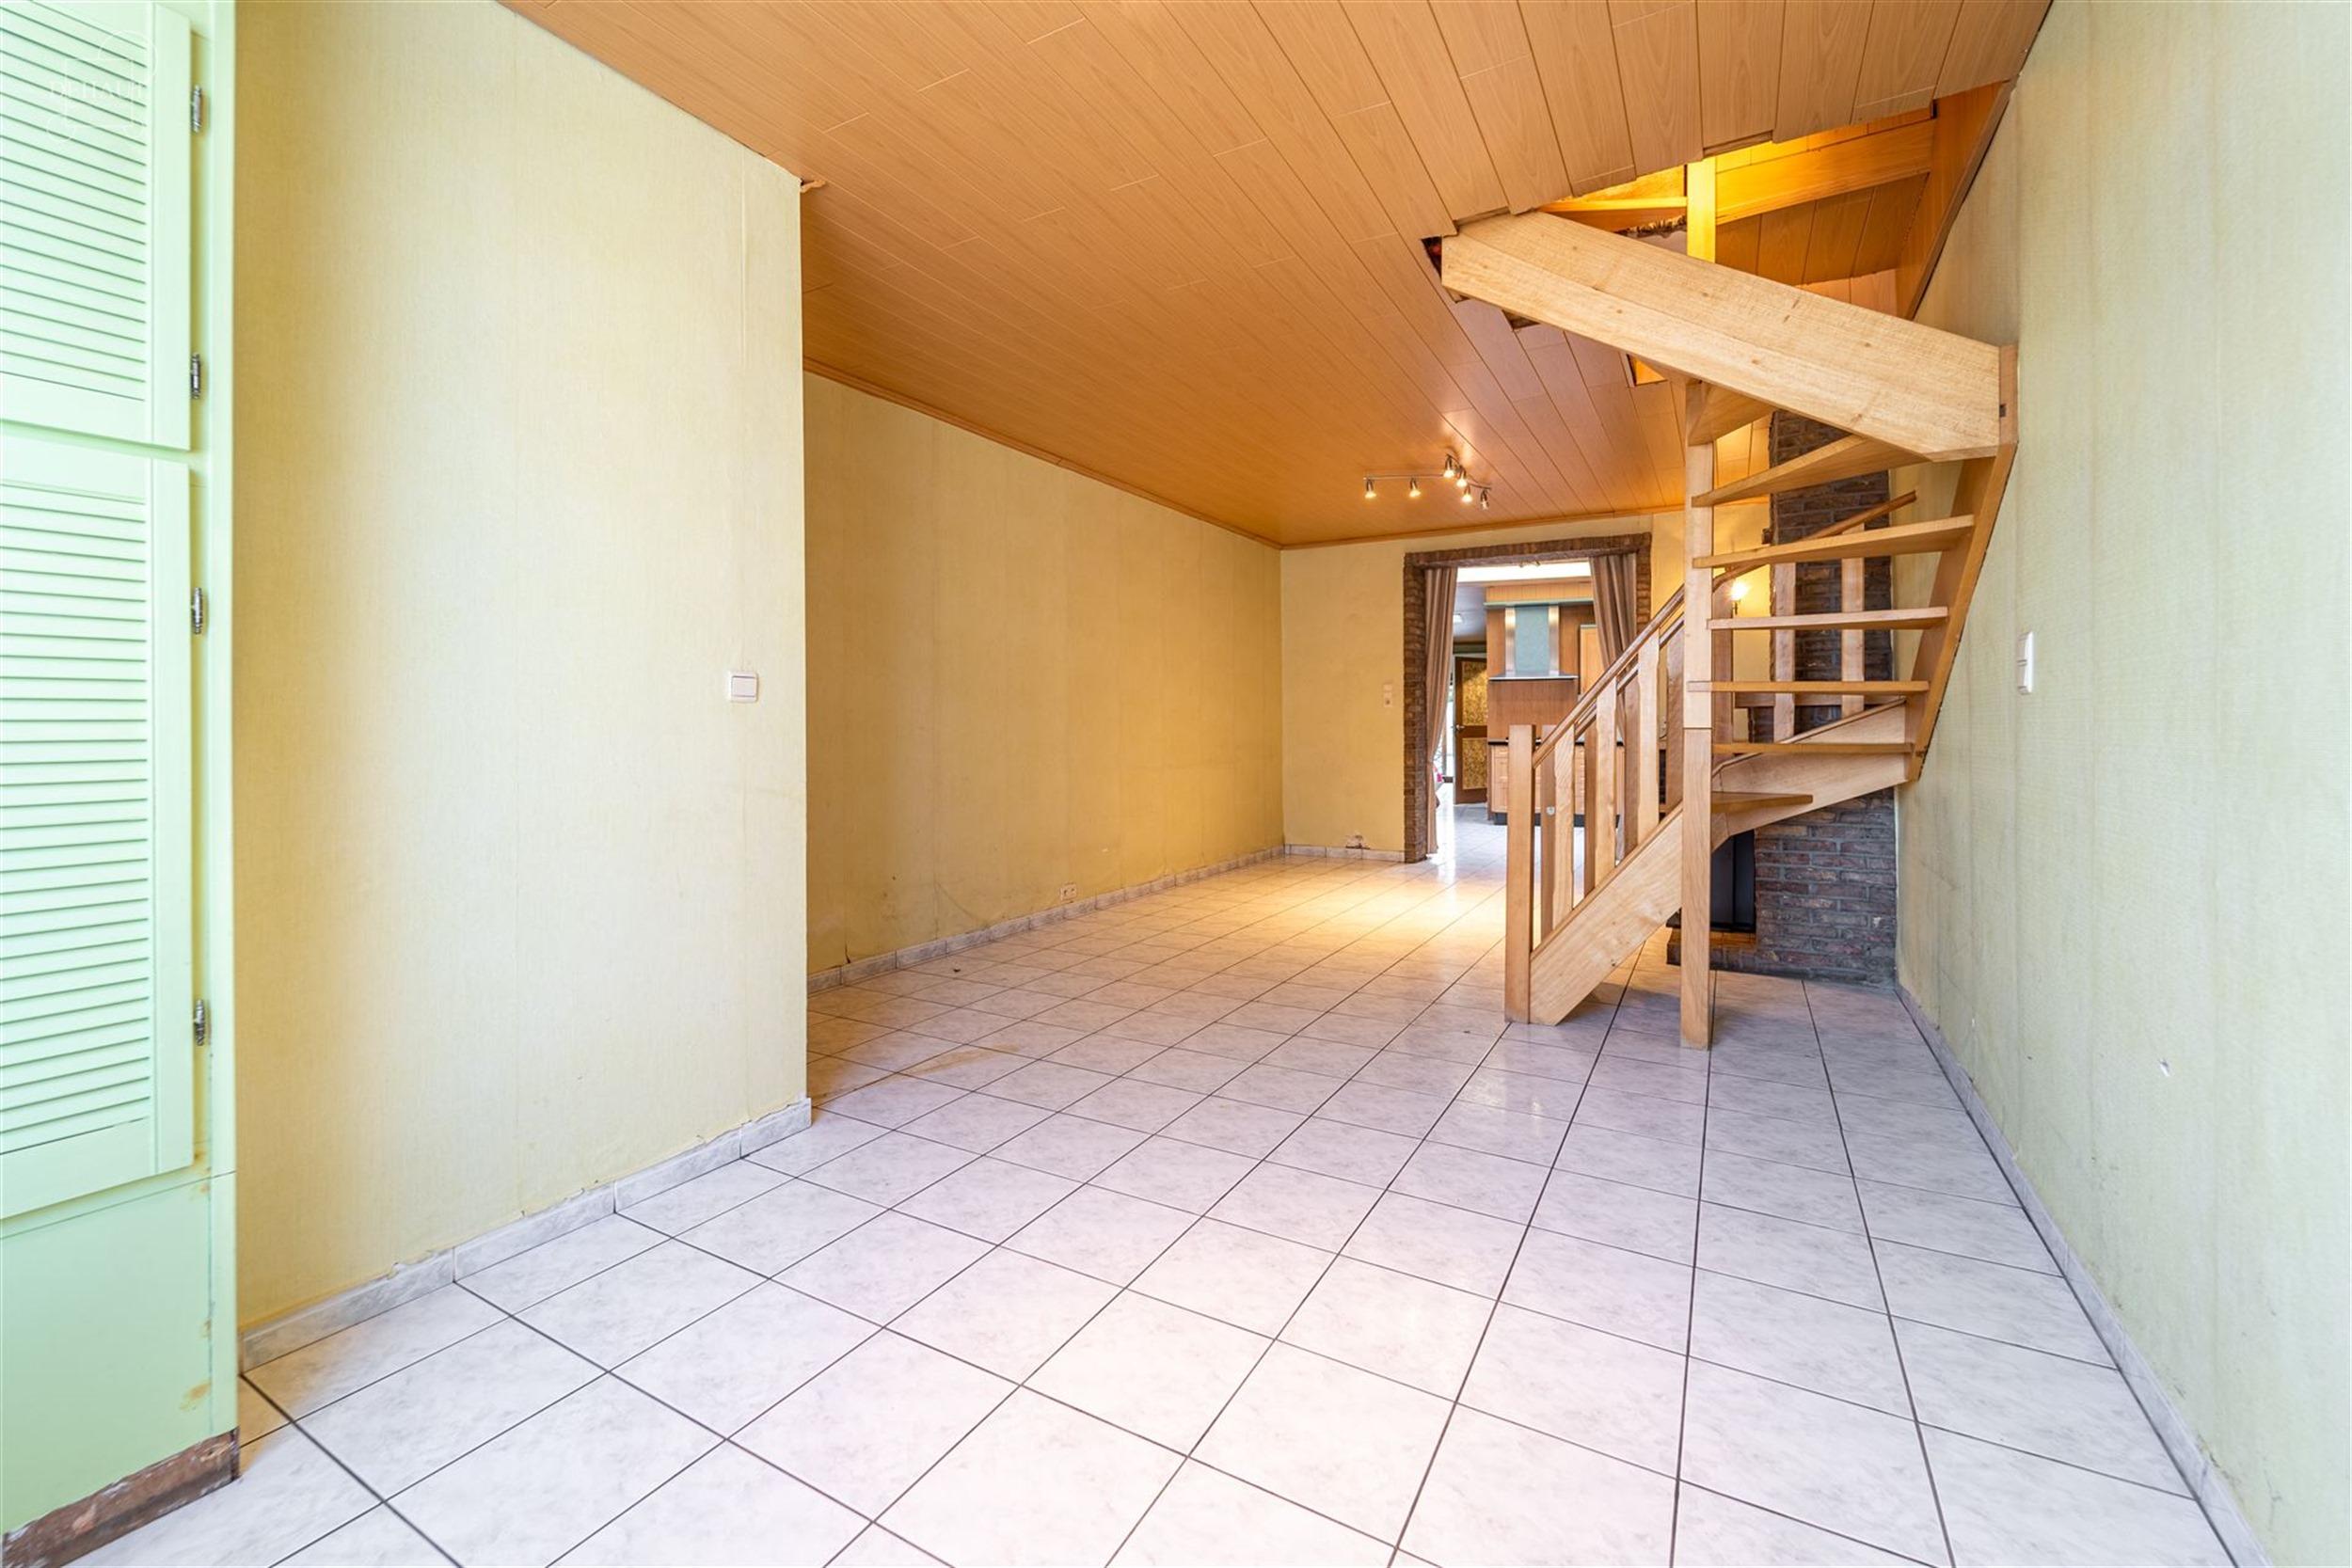 Jolie maison de ville rénovée proposant de très beaux volumes.  Au rez-de-chaussée: hall d'entrée, séjour ouvert sur une cuisine équipée, bua...